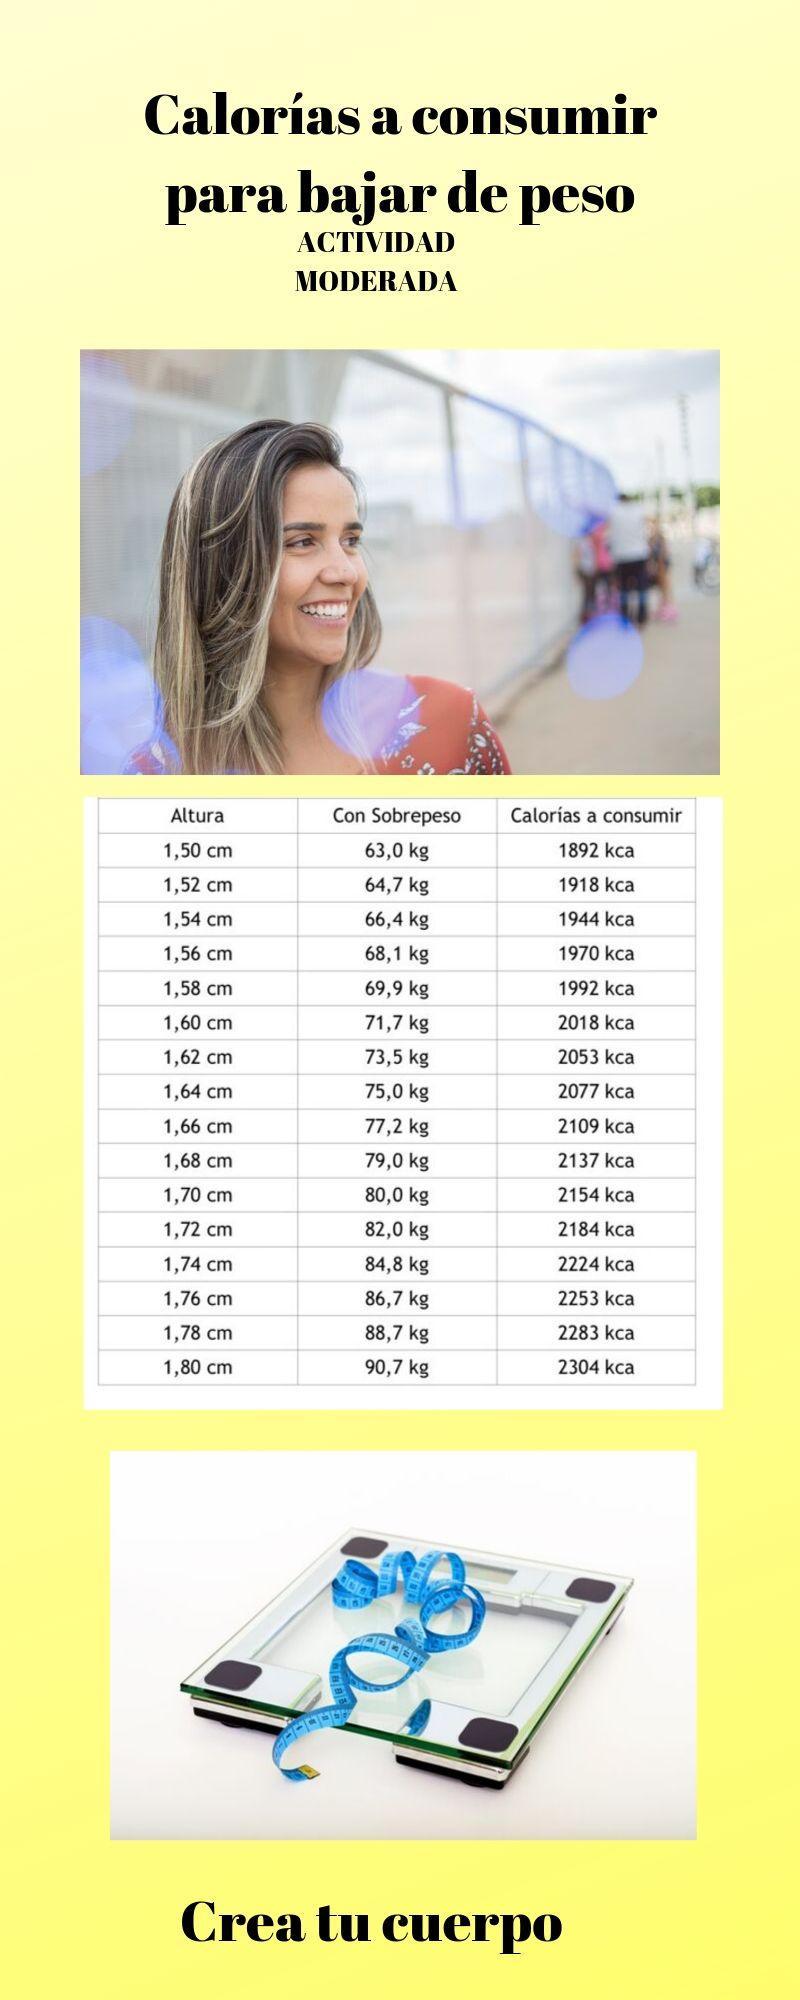 tabla de calorías para bajar de peso con una actividad física moderada